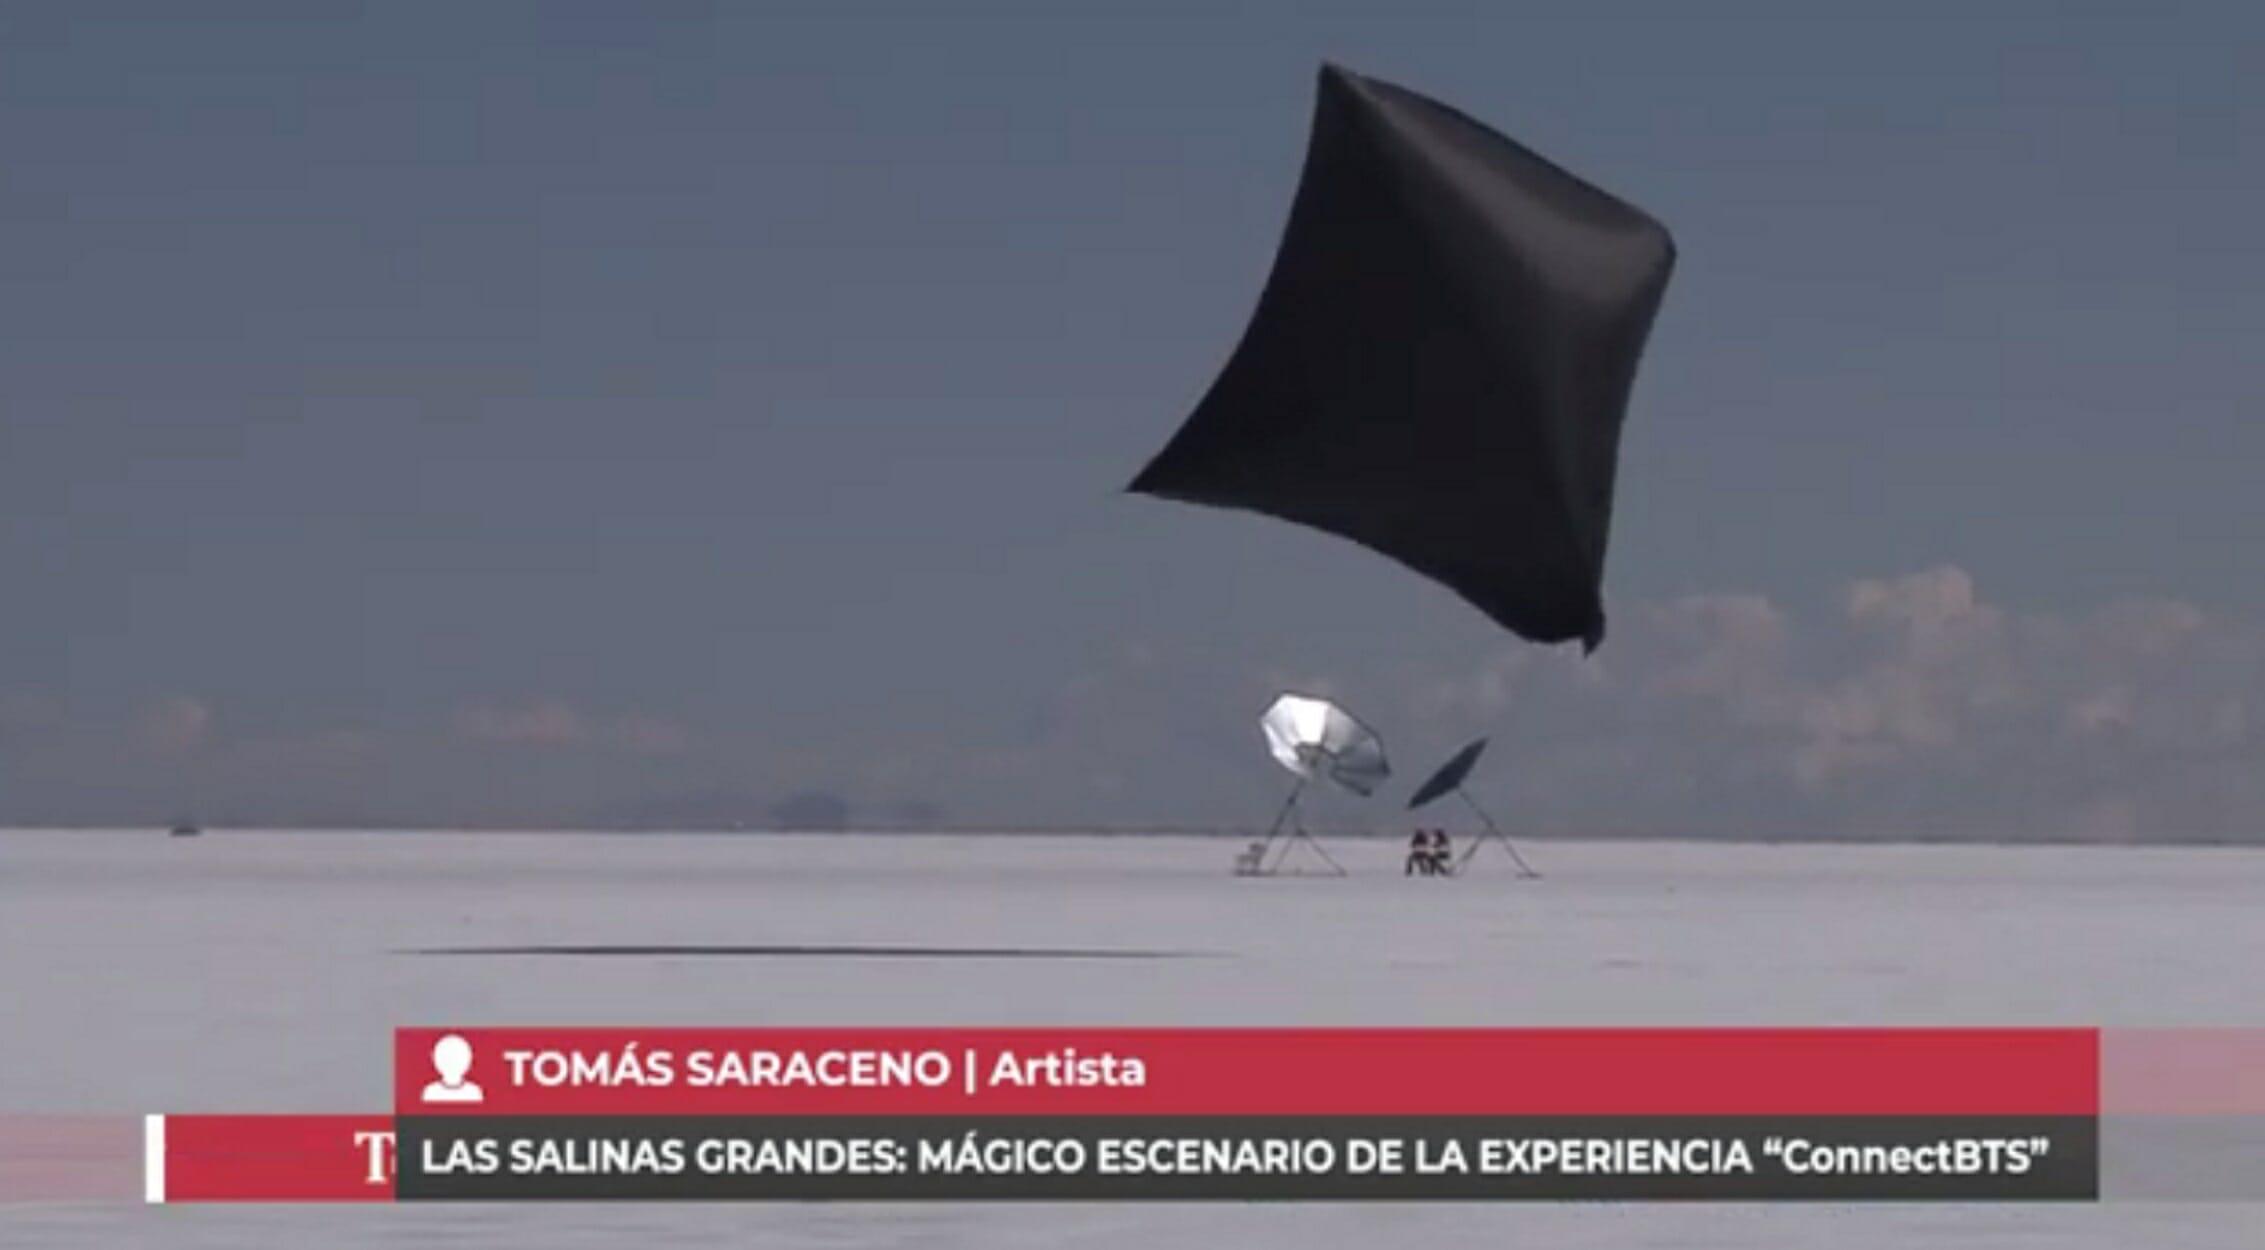 Η πρώτη πτήση με ενέργεια μόνον από τον ήλιο! Η ιστορία θα γραφτεί στο Μπουένος Άιρες